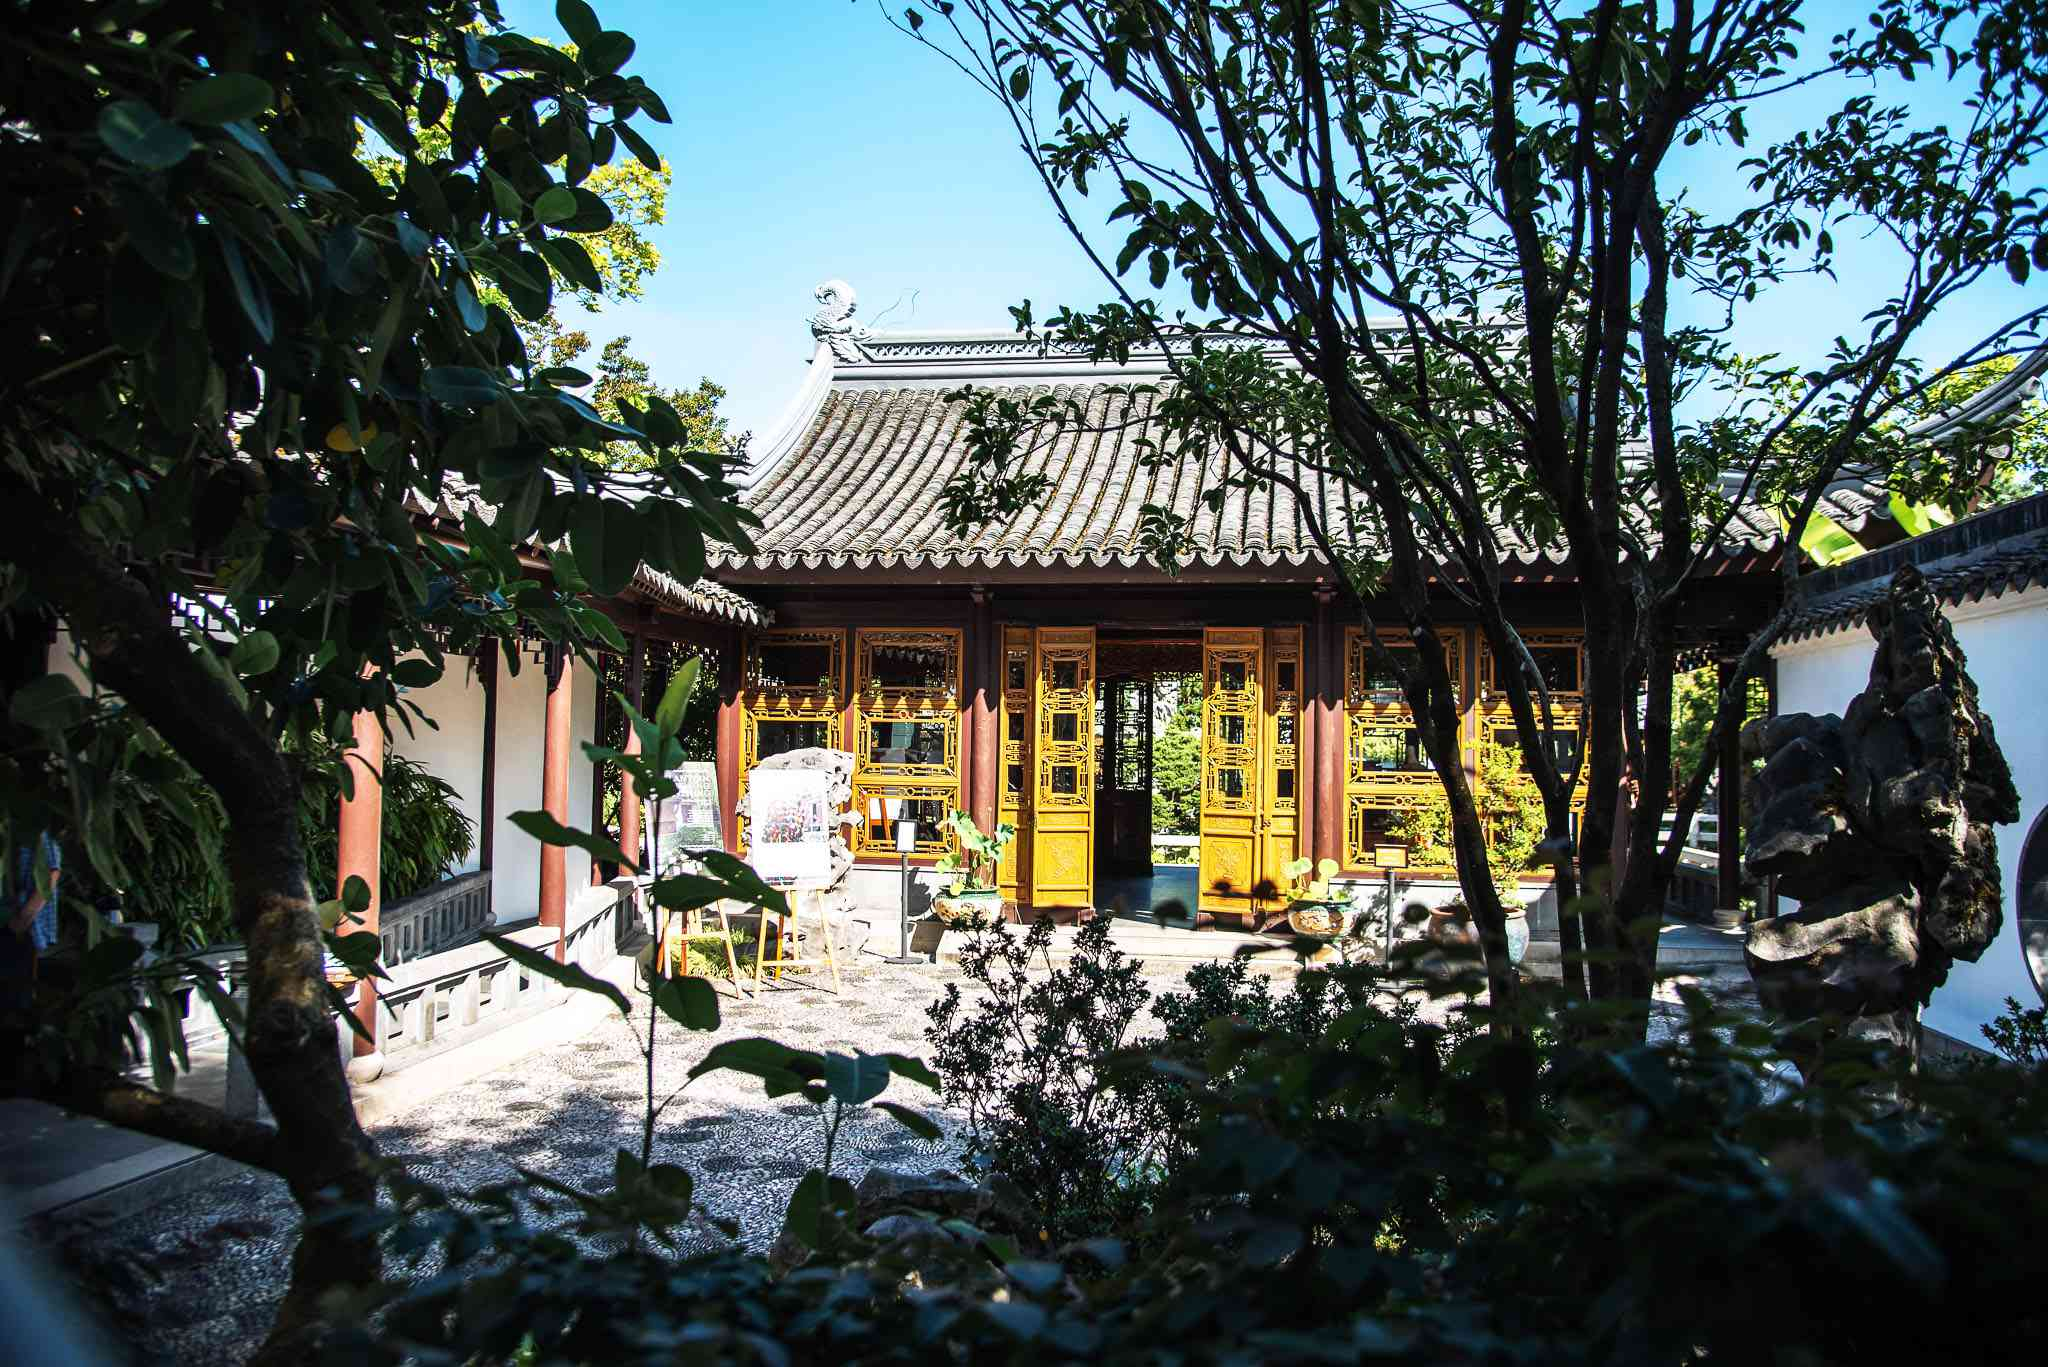 Jardín chino Lan Su